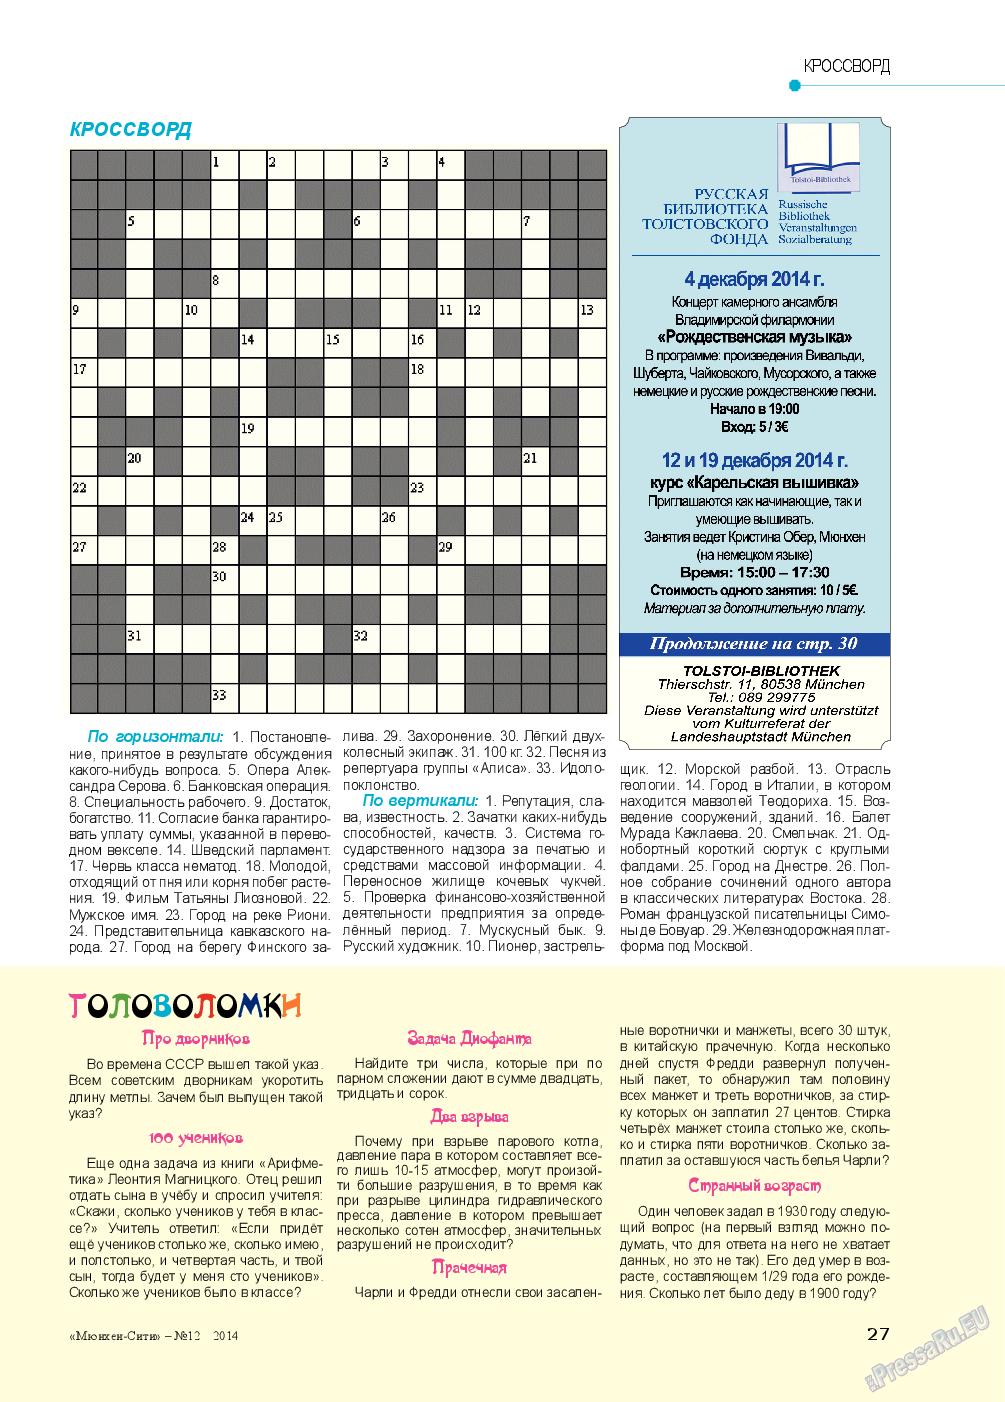 Мюнхен-сити (журнал). 2014 год, номер 12, стр. 27